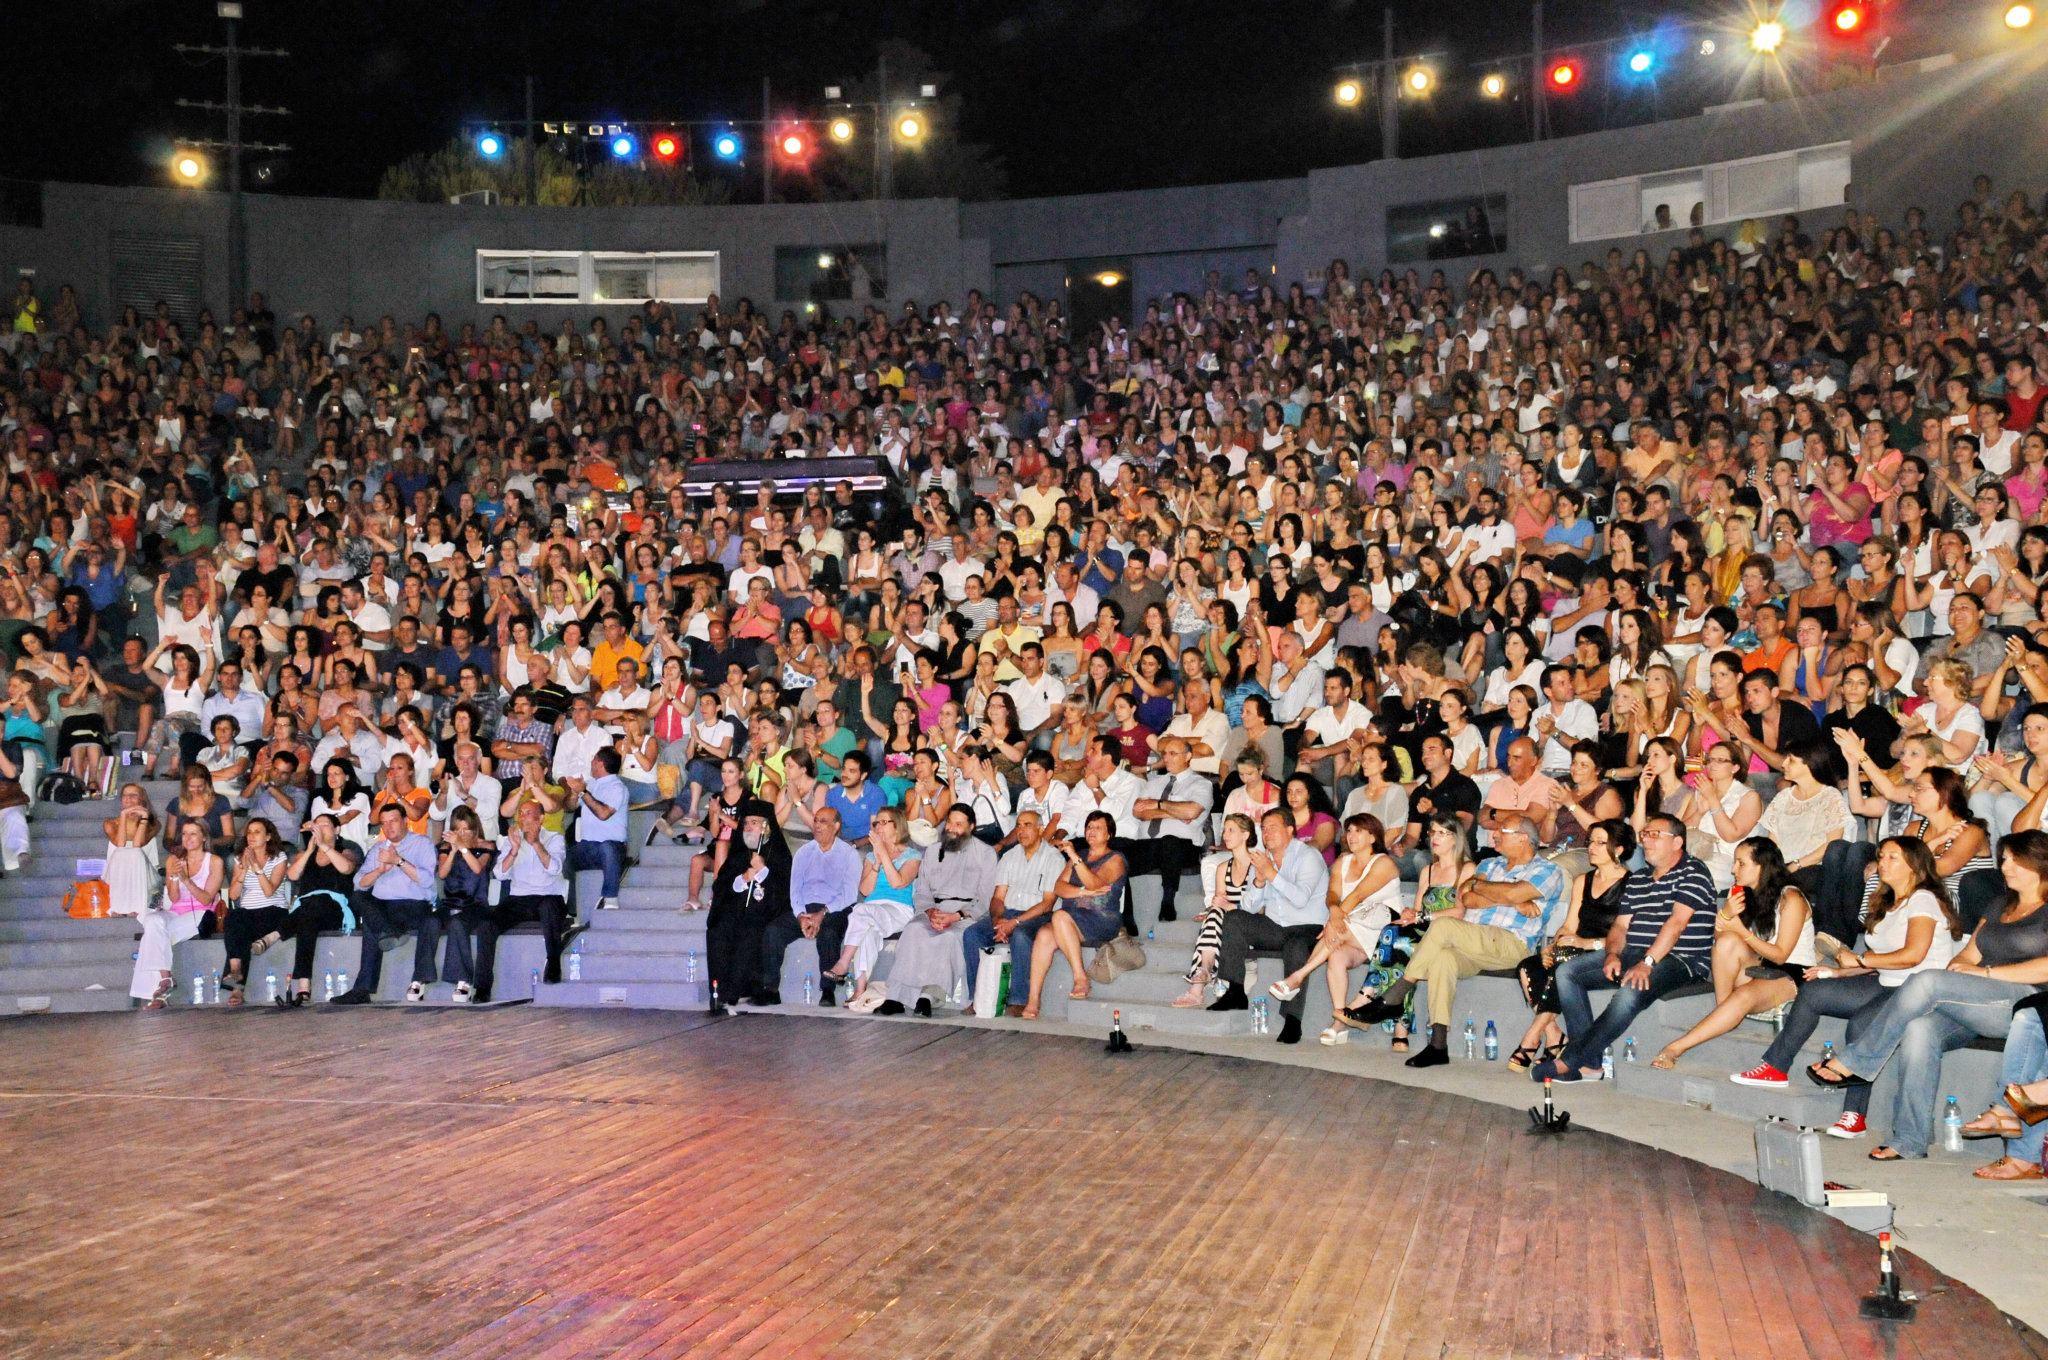 Έρχεται το Φεστιβάλ Λάρνακας με Μαραβέγια , Αδαμαντίδη και άλλες πολλές εκπλήξεις